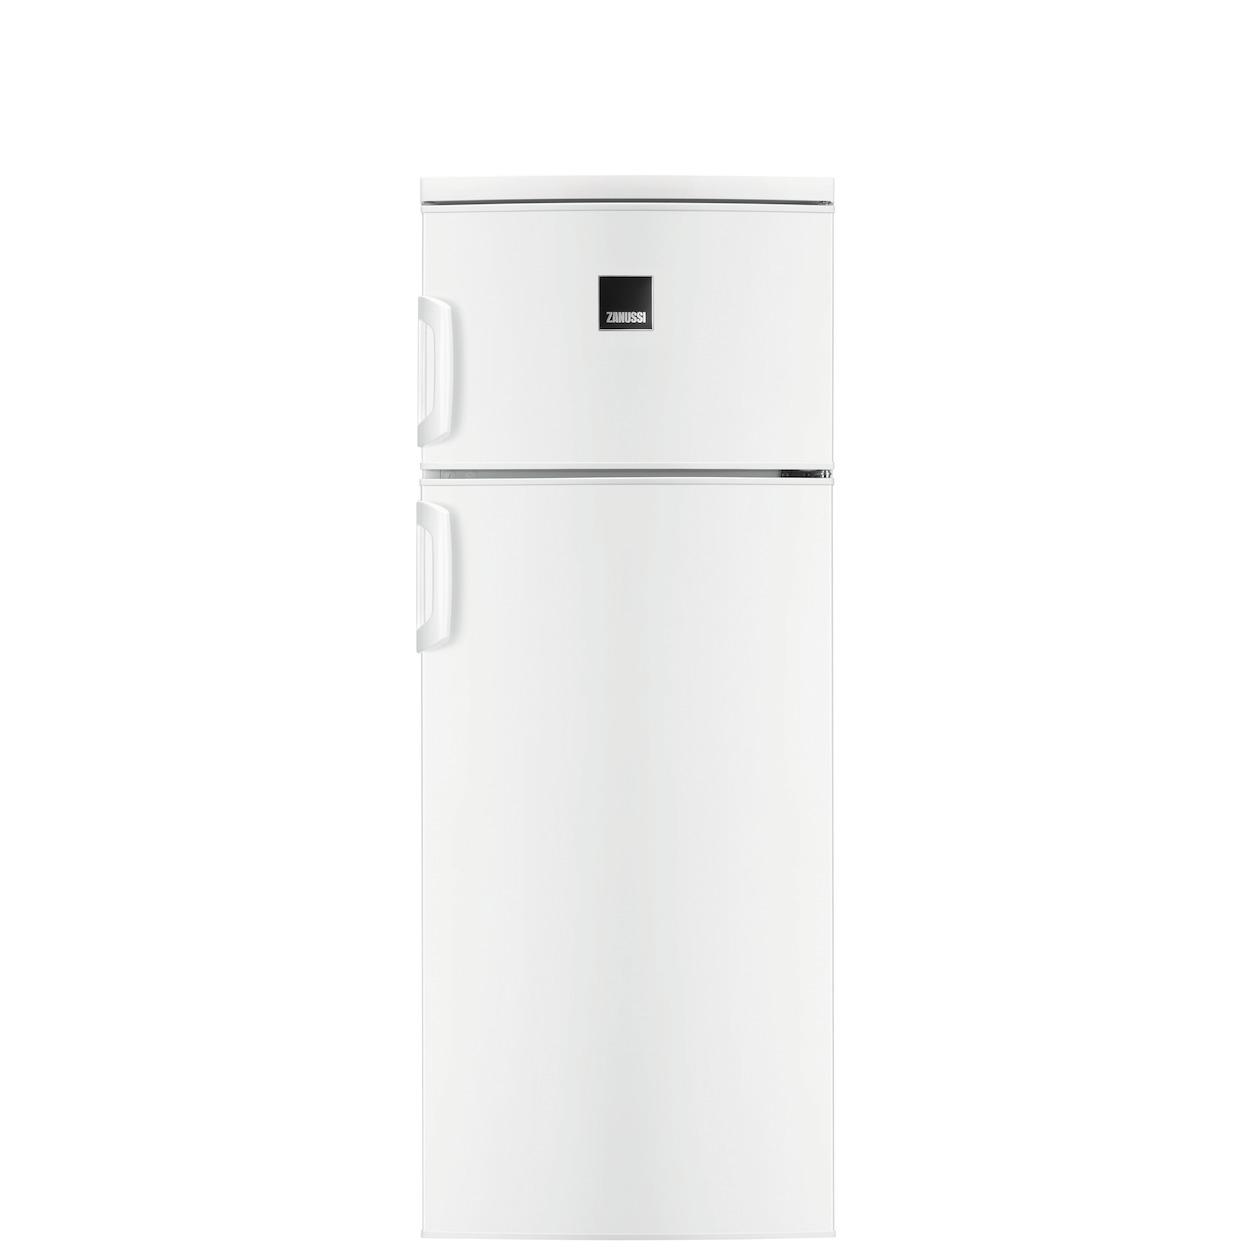 Zanussi koelkast met vriesvak ZRT23105WA